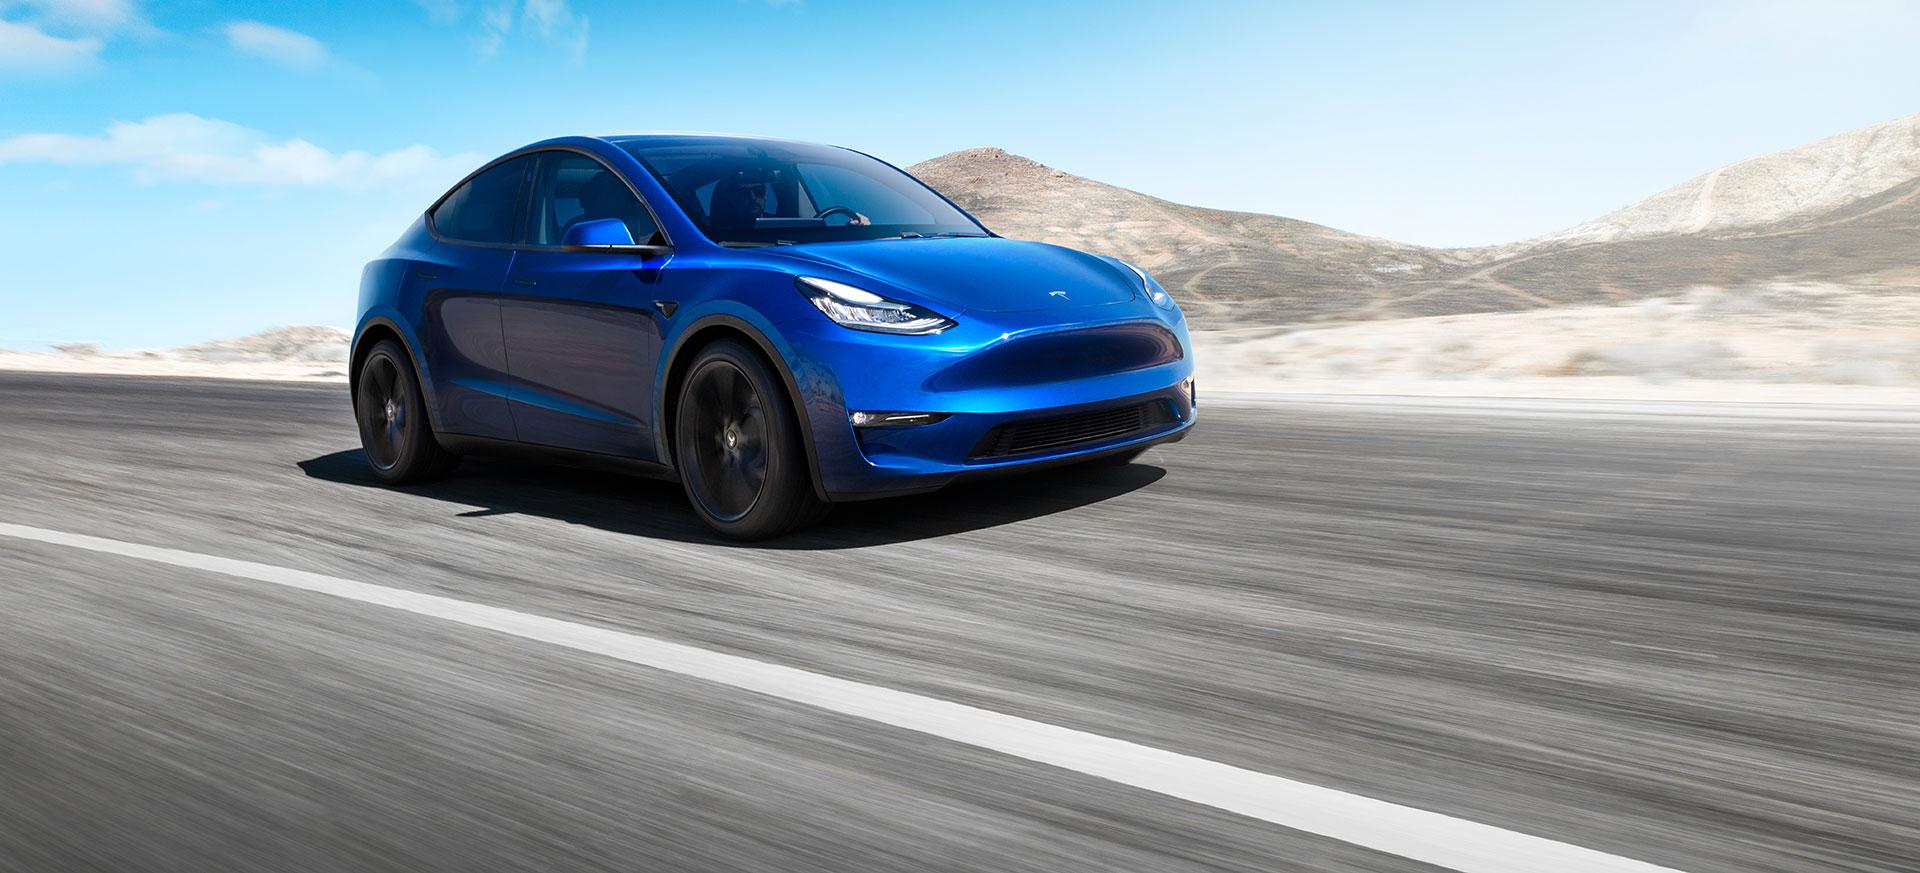 Tesla Model Y 2019 Azul Frontal Exterior